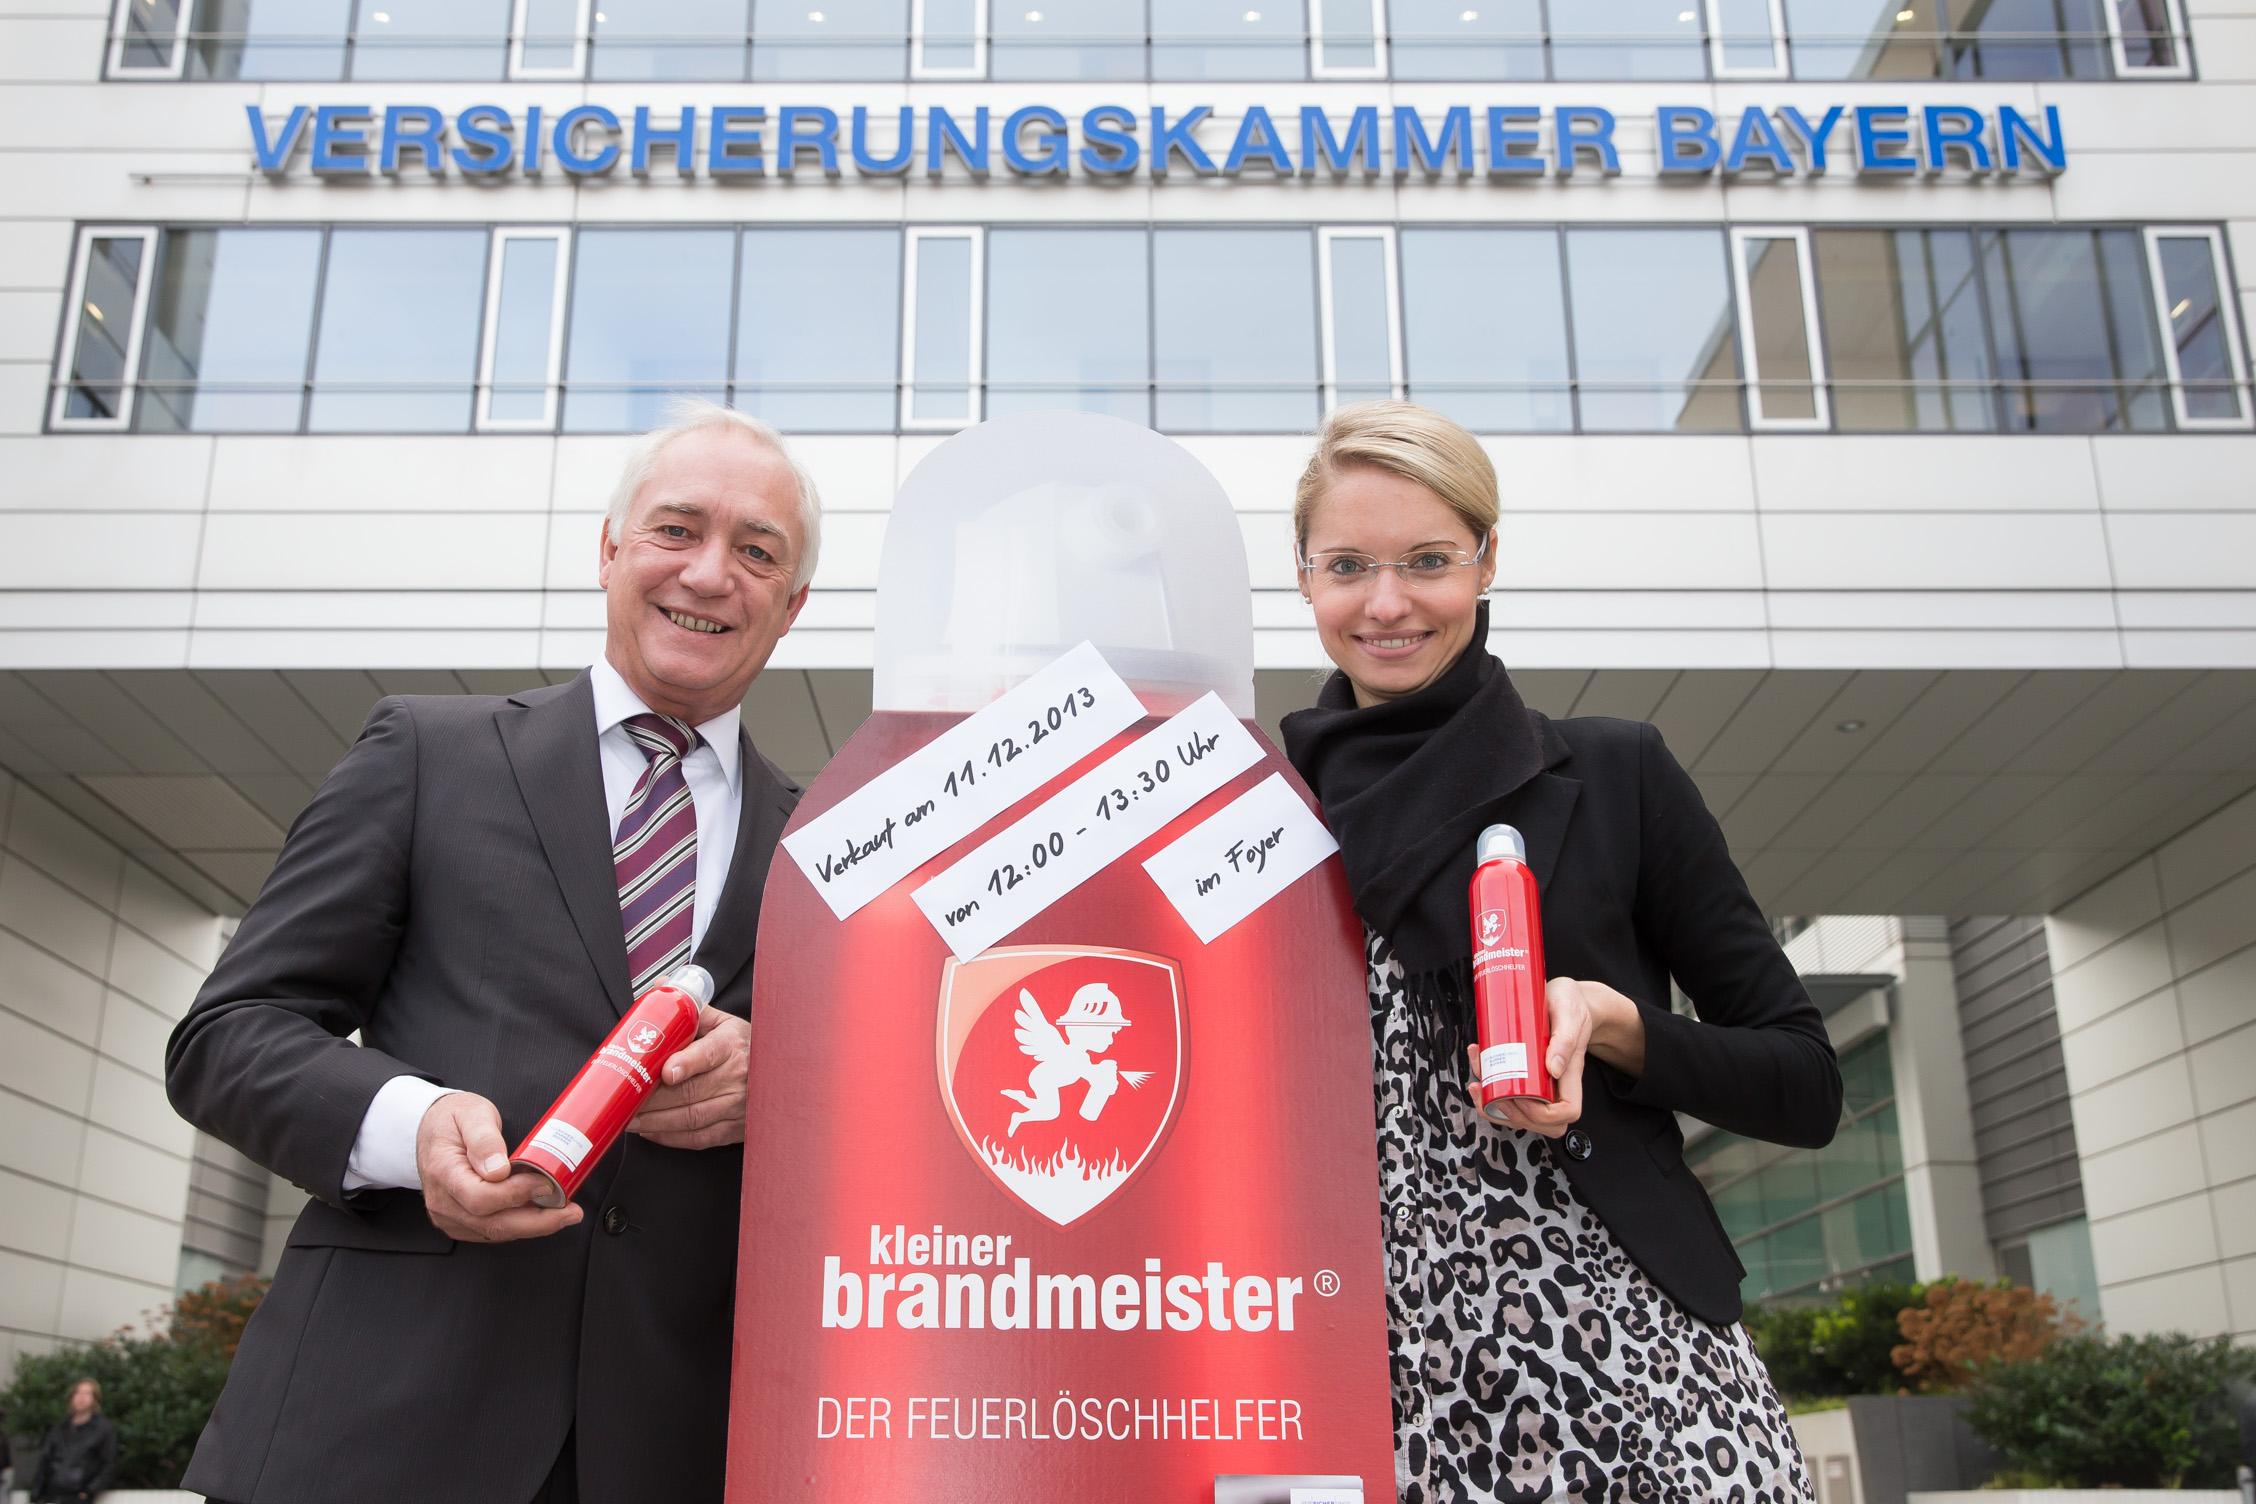 Brandmeister Vertriebs GmbH und Versicherungskammer Bayern